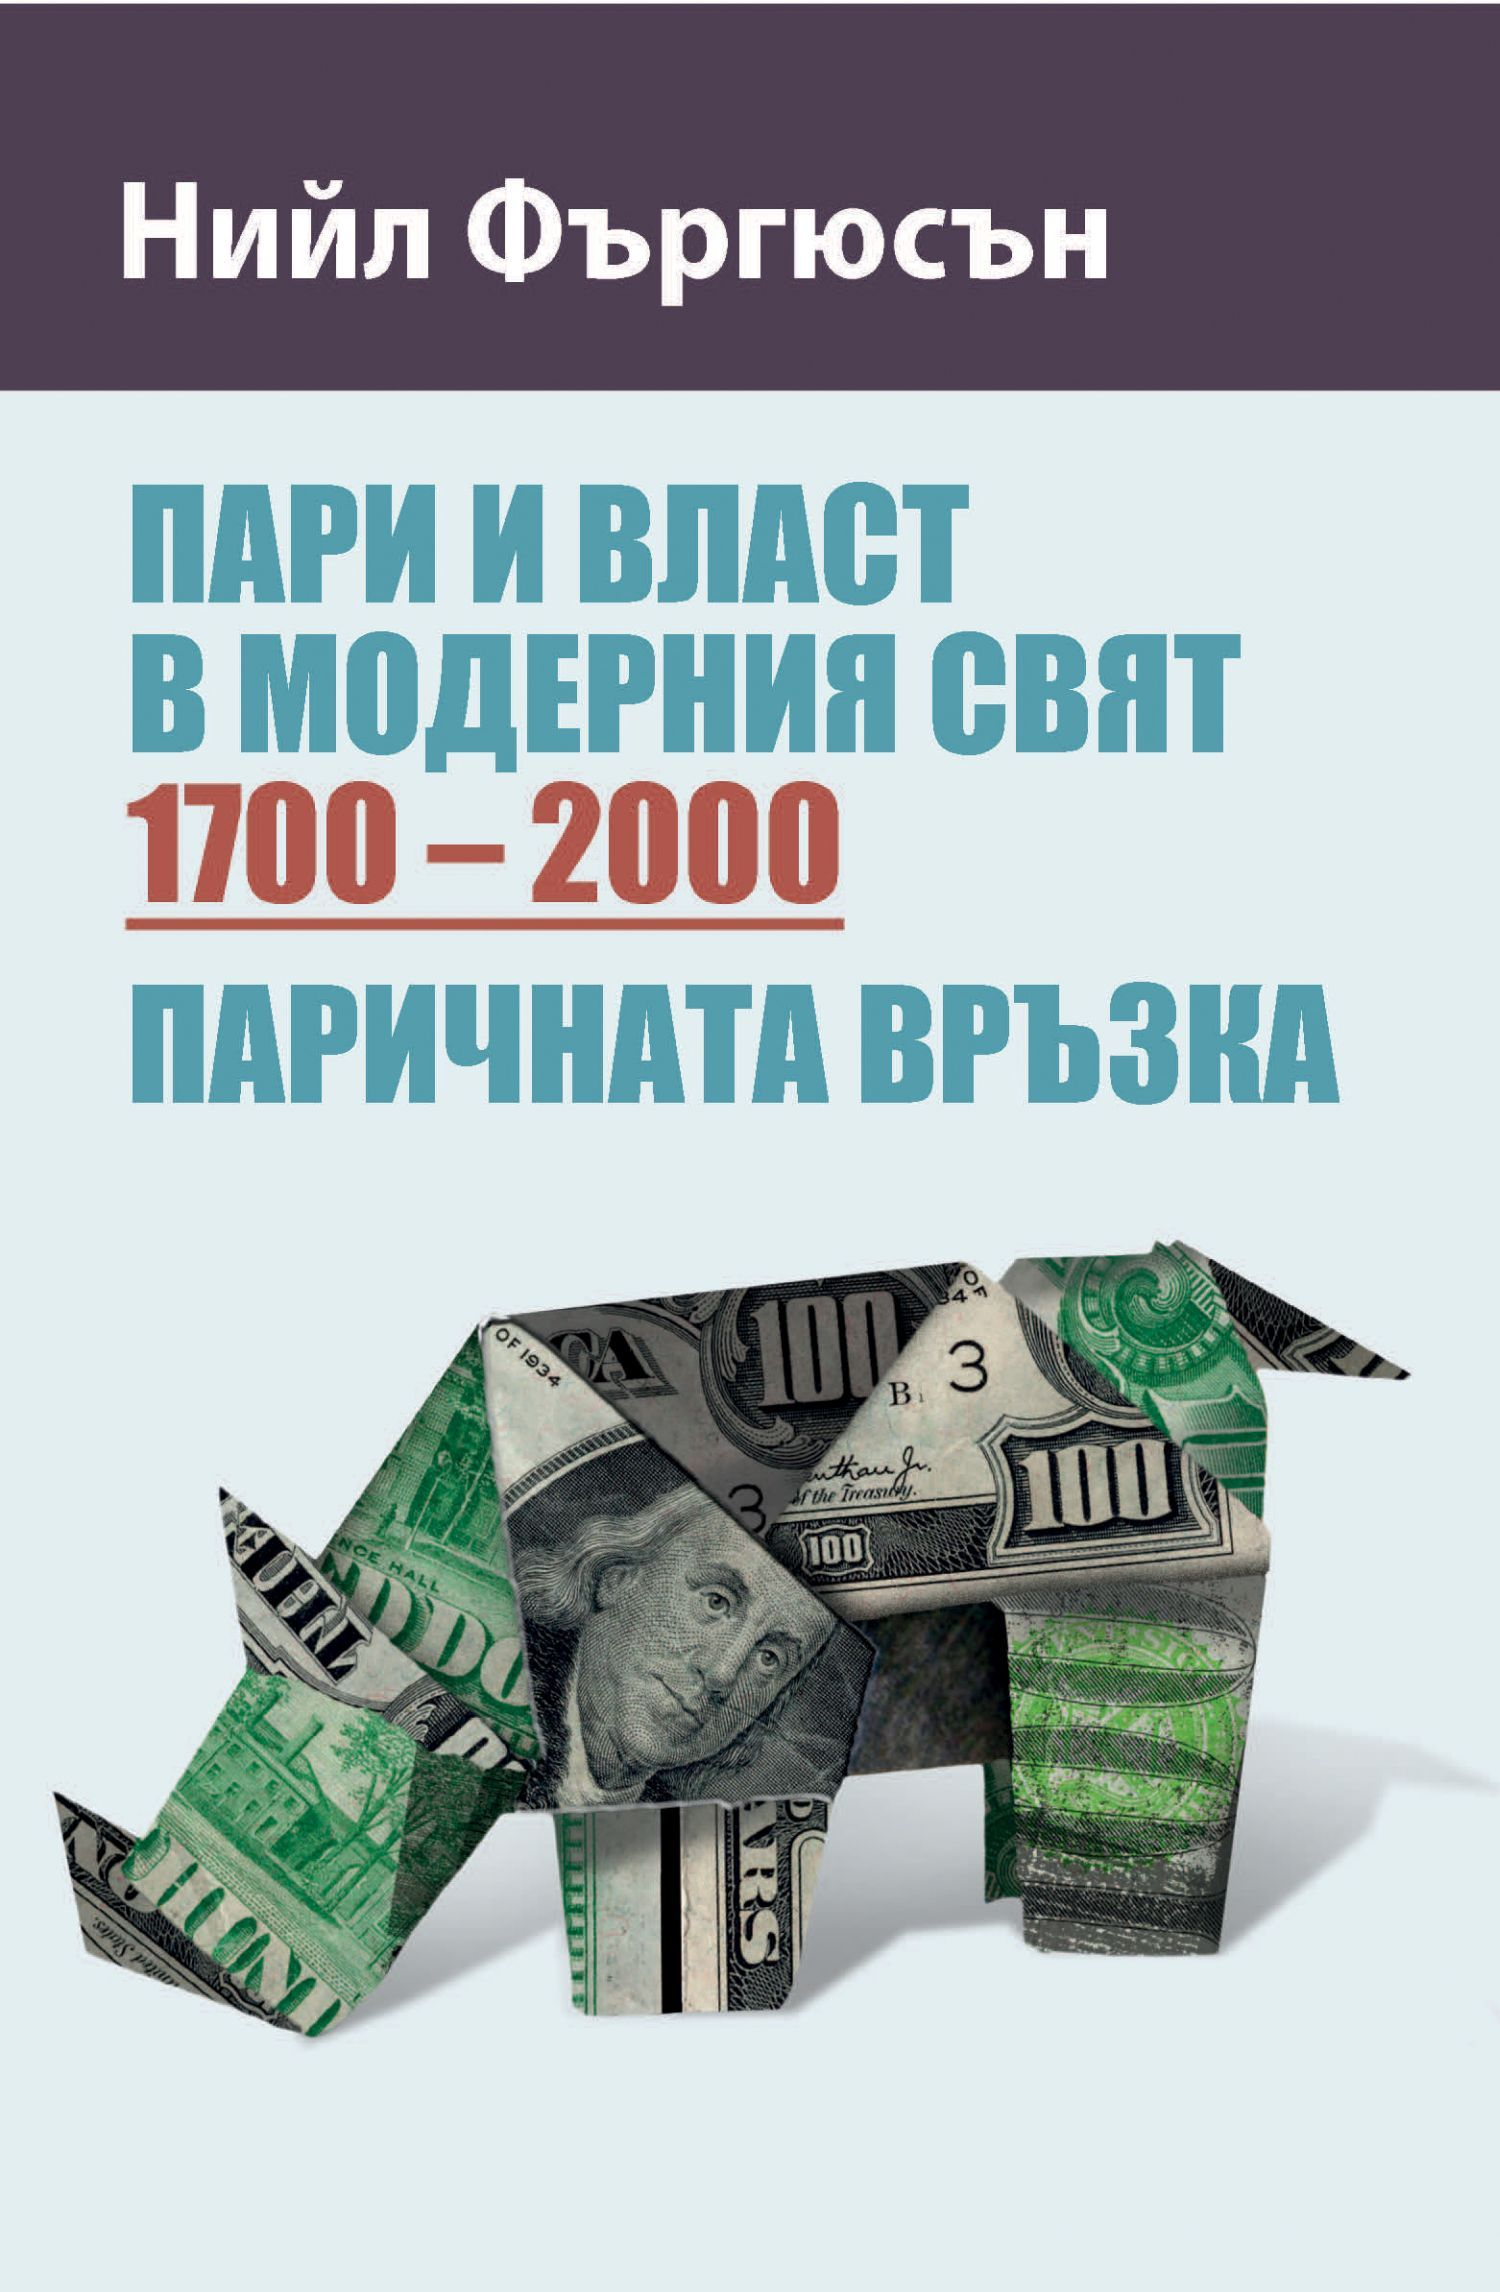 Пари и власт в модерния свят (1700 – 2000). Паричната връзка - 1